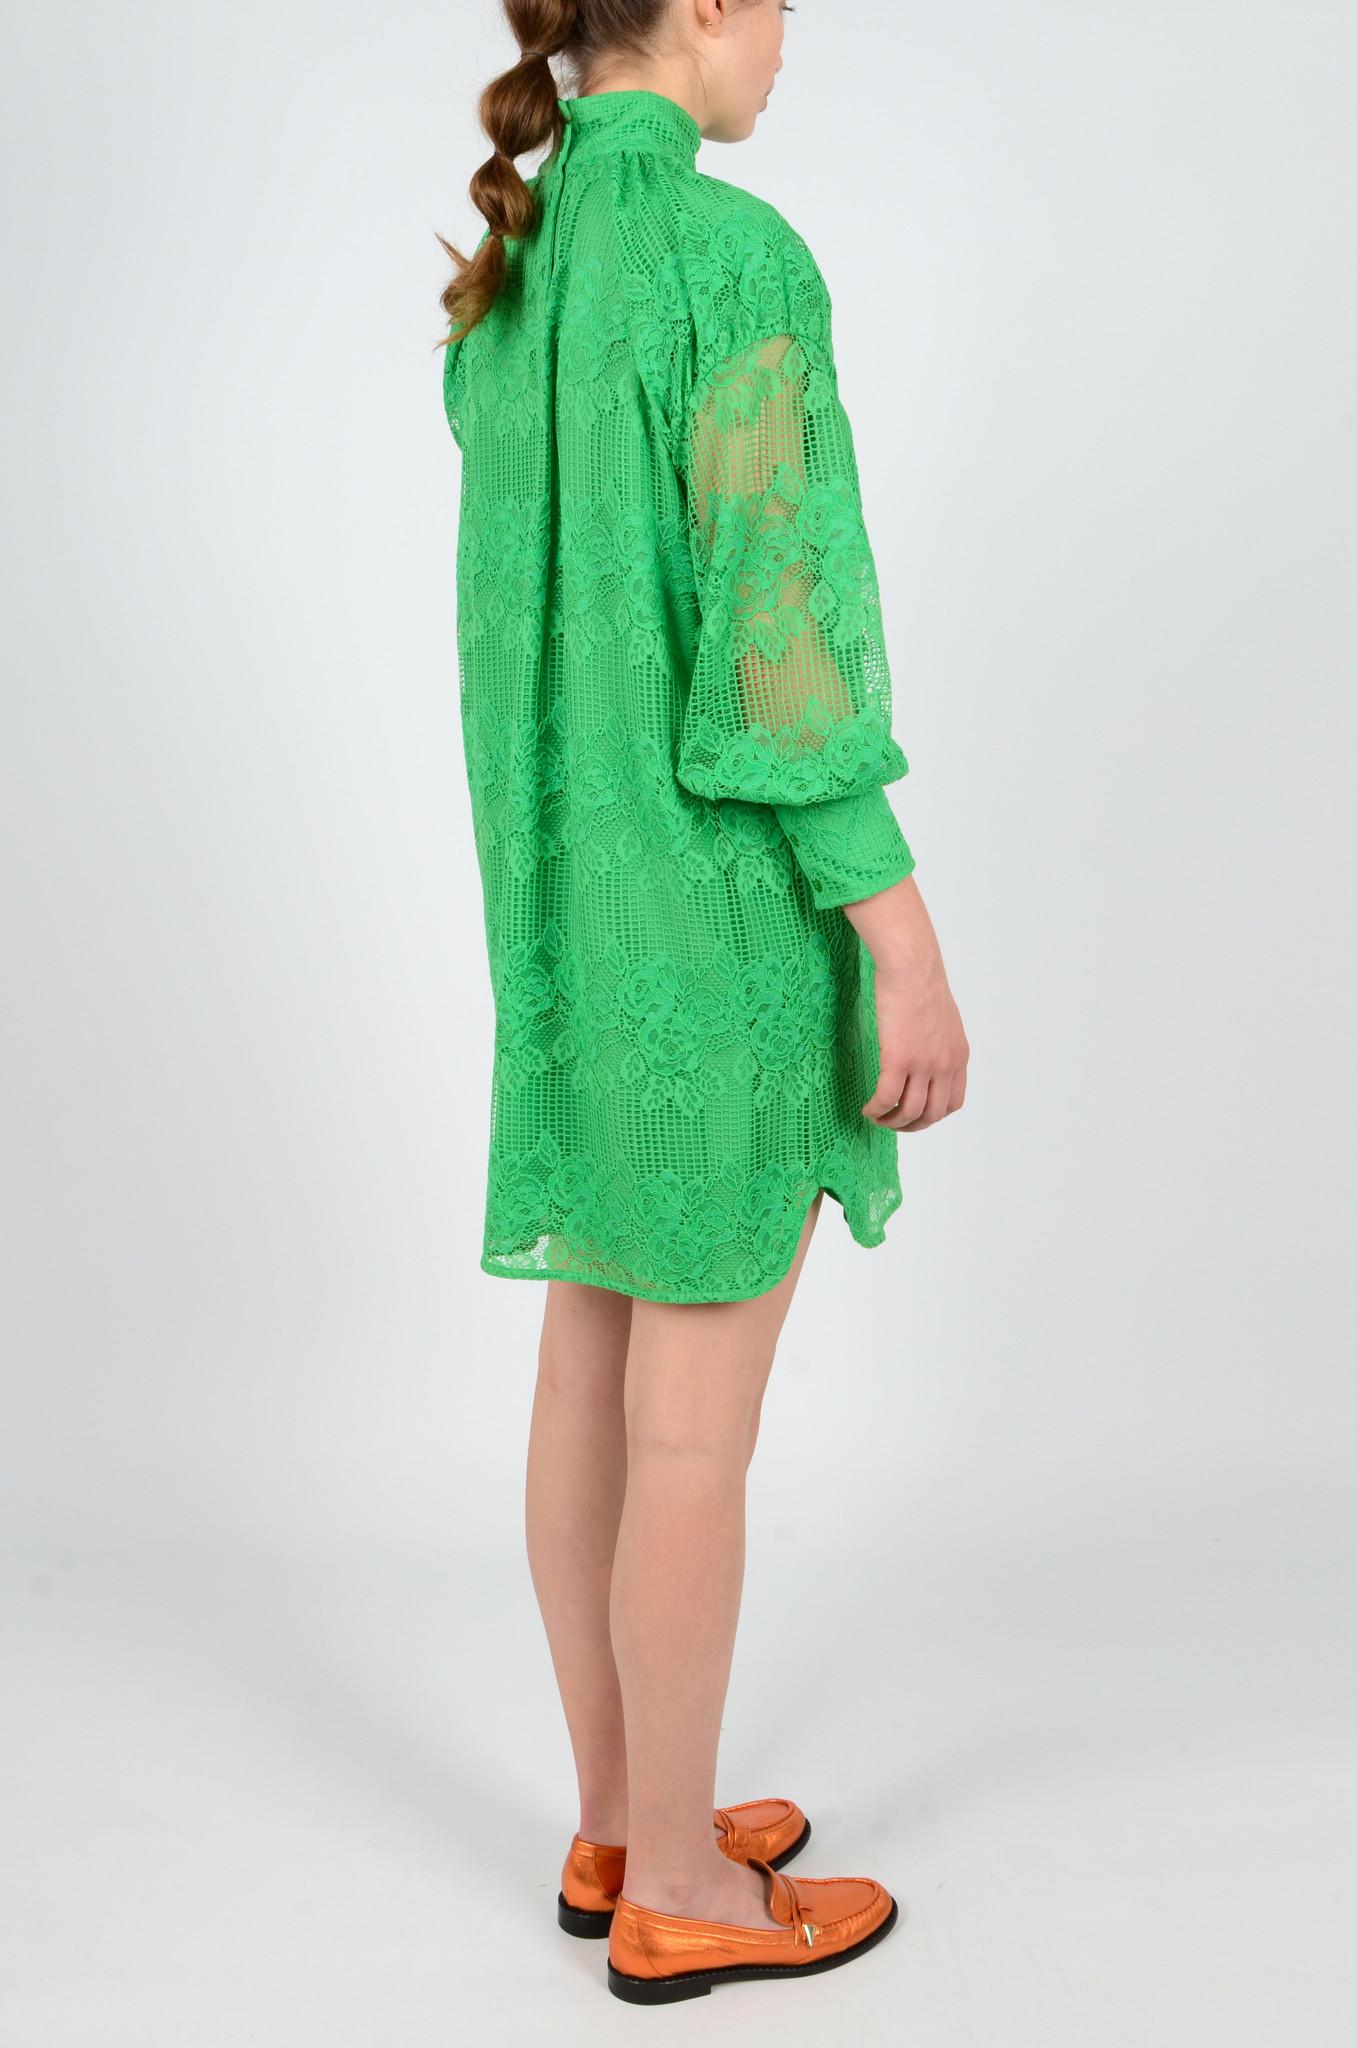 GREEN LACE DRESS-4